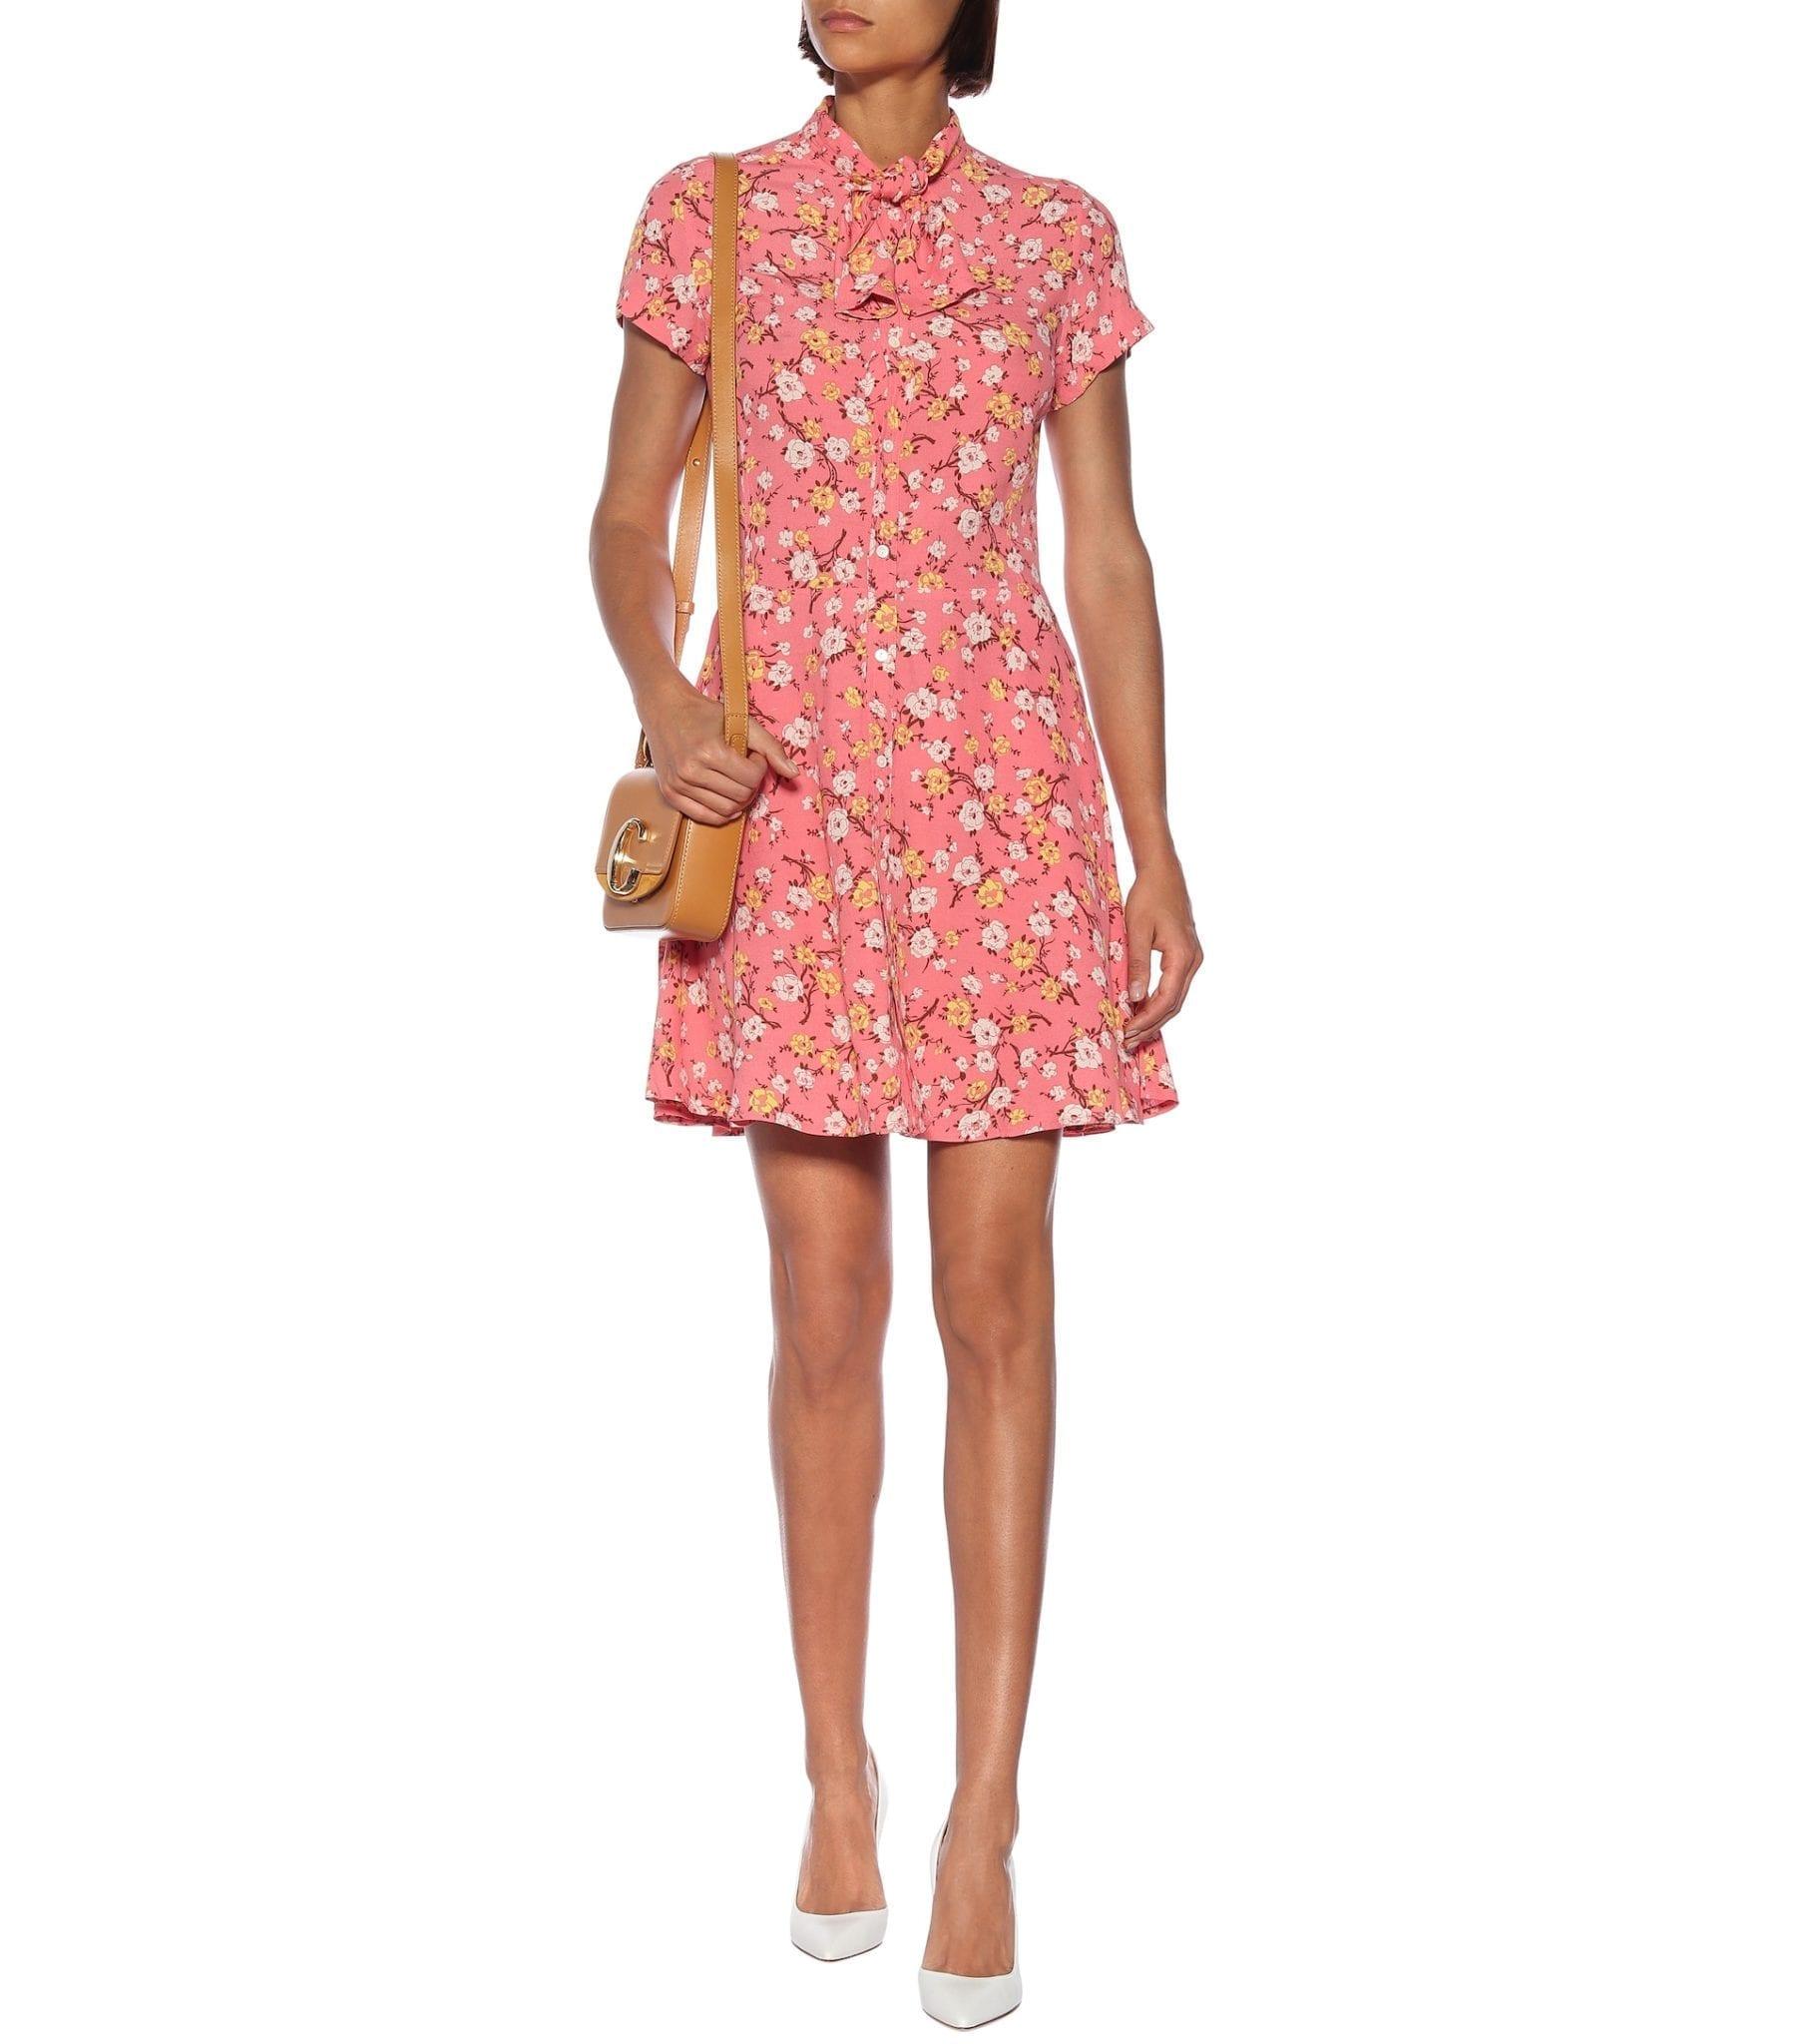 POLO RALPH LAUREN Floral Mini Dress